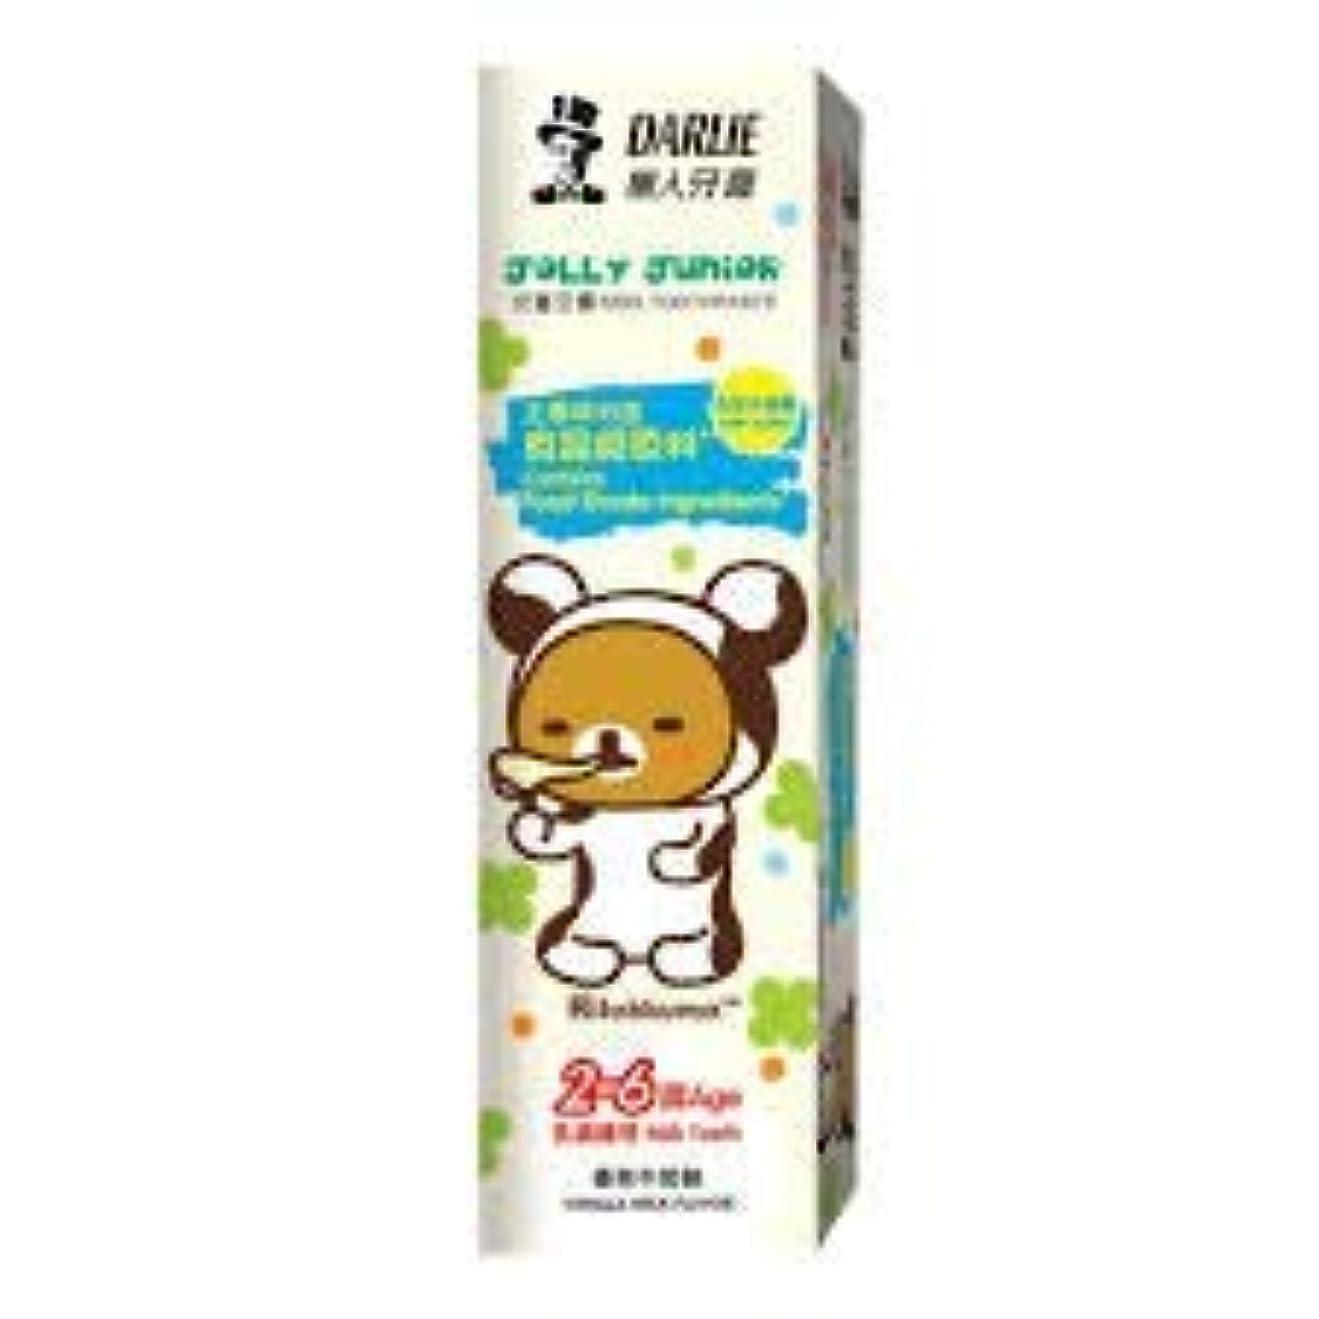 取得するミルクますますDARLIE ハッピーティーンエイジャーの歯磨き粉2-6歳歯磨き粉60グラムバニラミルクは - 虫歯を防ぐためにキシリトールを含む、ミルクの歯と準備して子供たちに仕出し料理されます